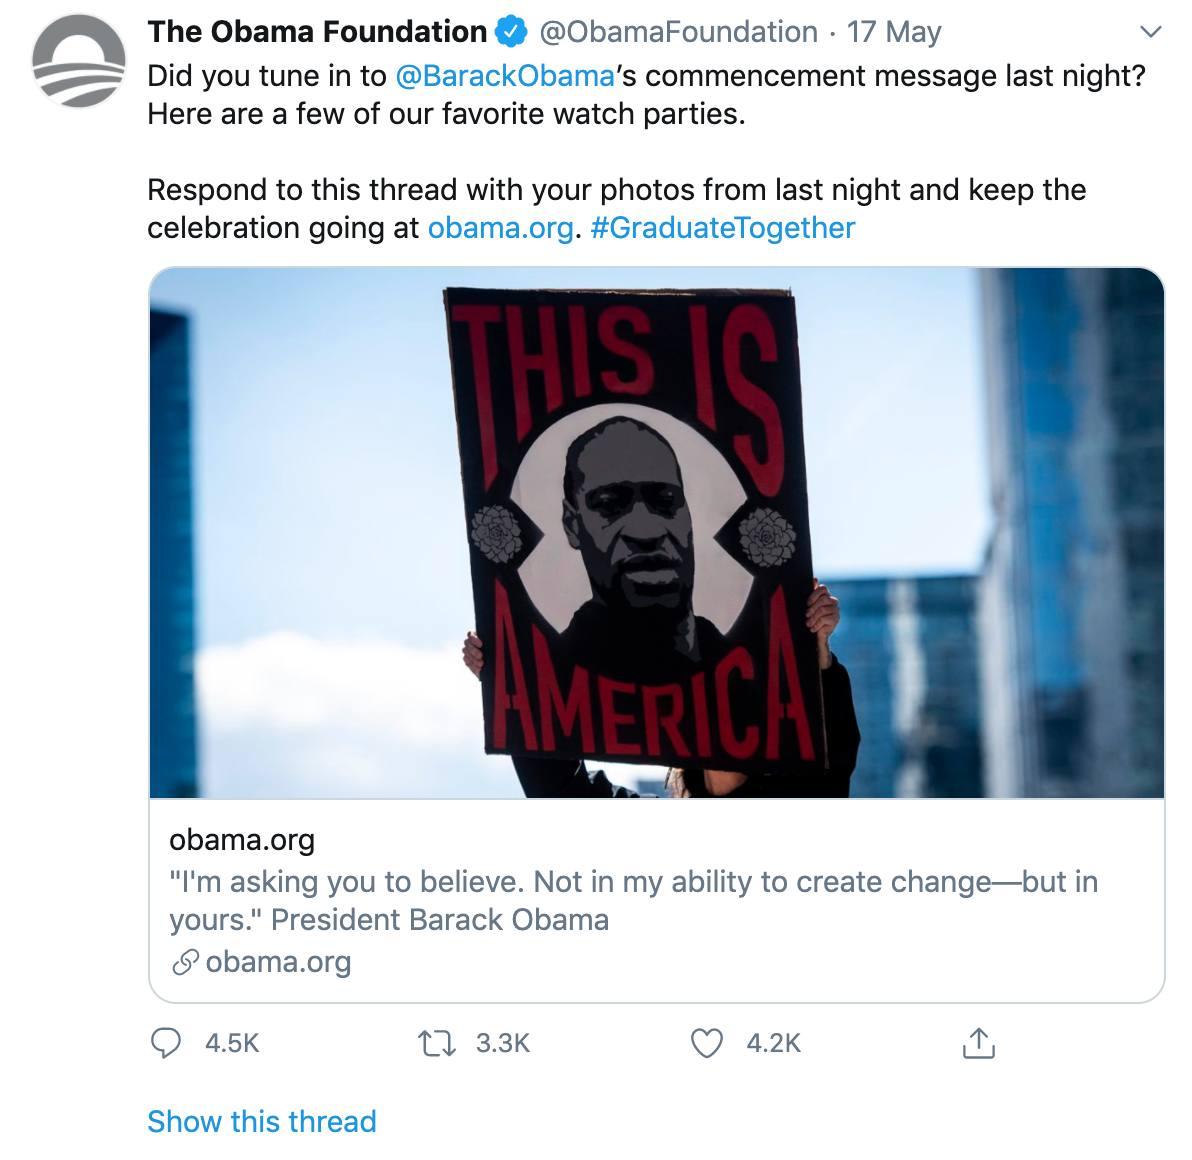 may15_obamaOrgTweet.jfif